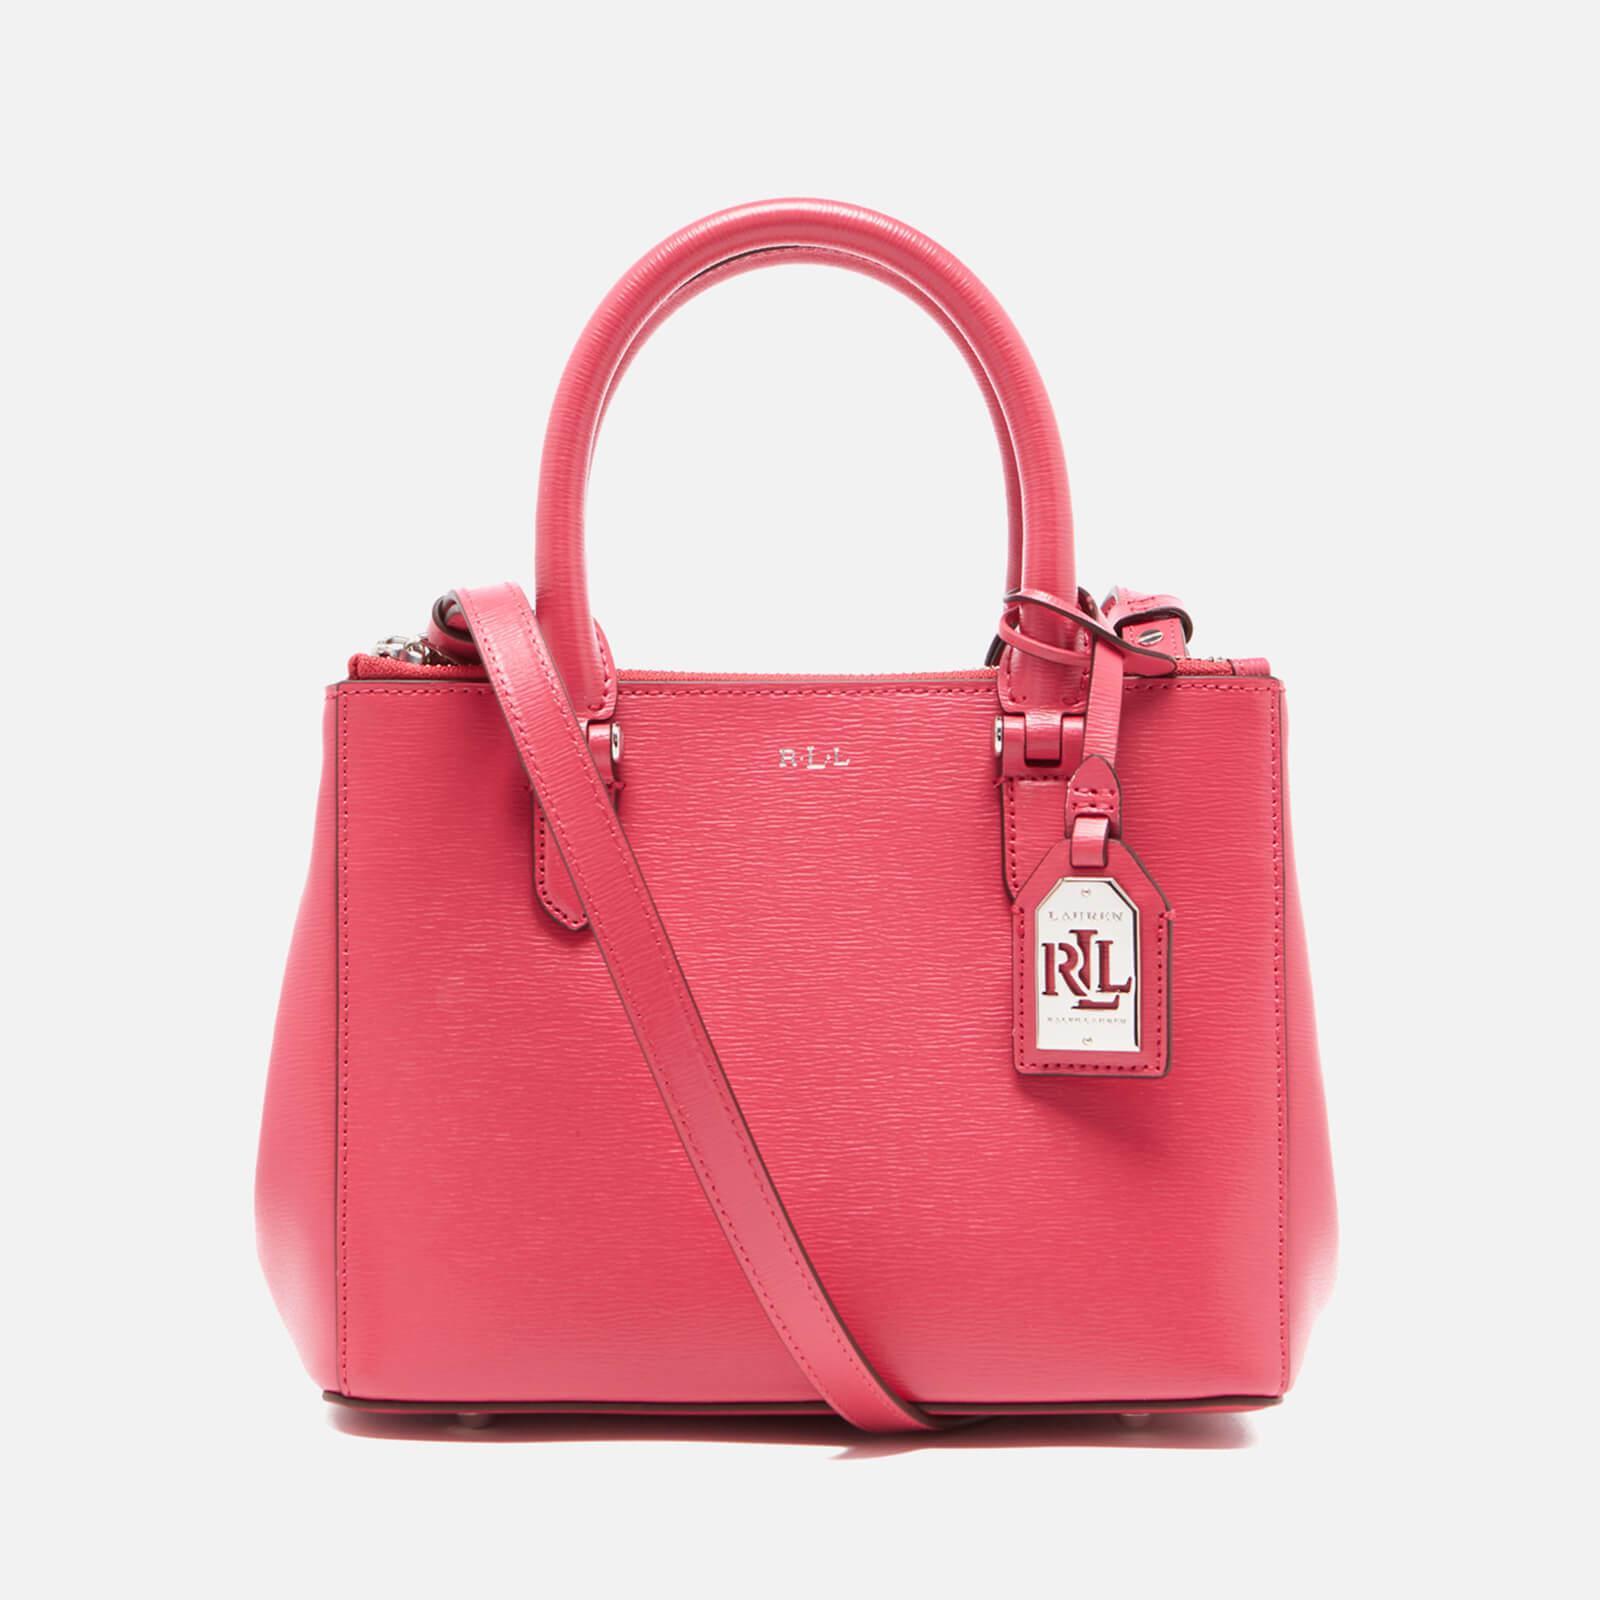 1625aa0129363 Lauren by Ralph Lauren Newbury Mini Double Zip Satchel in Pink - Lyst